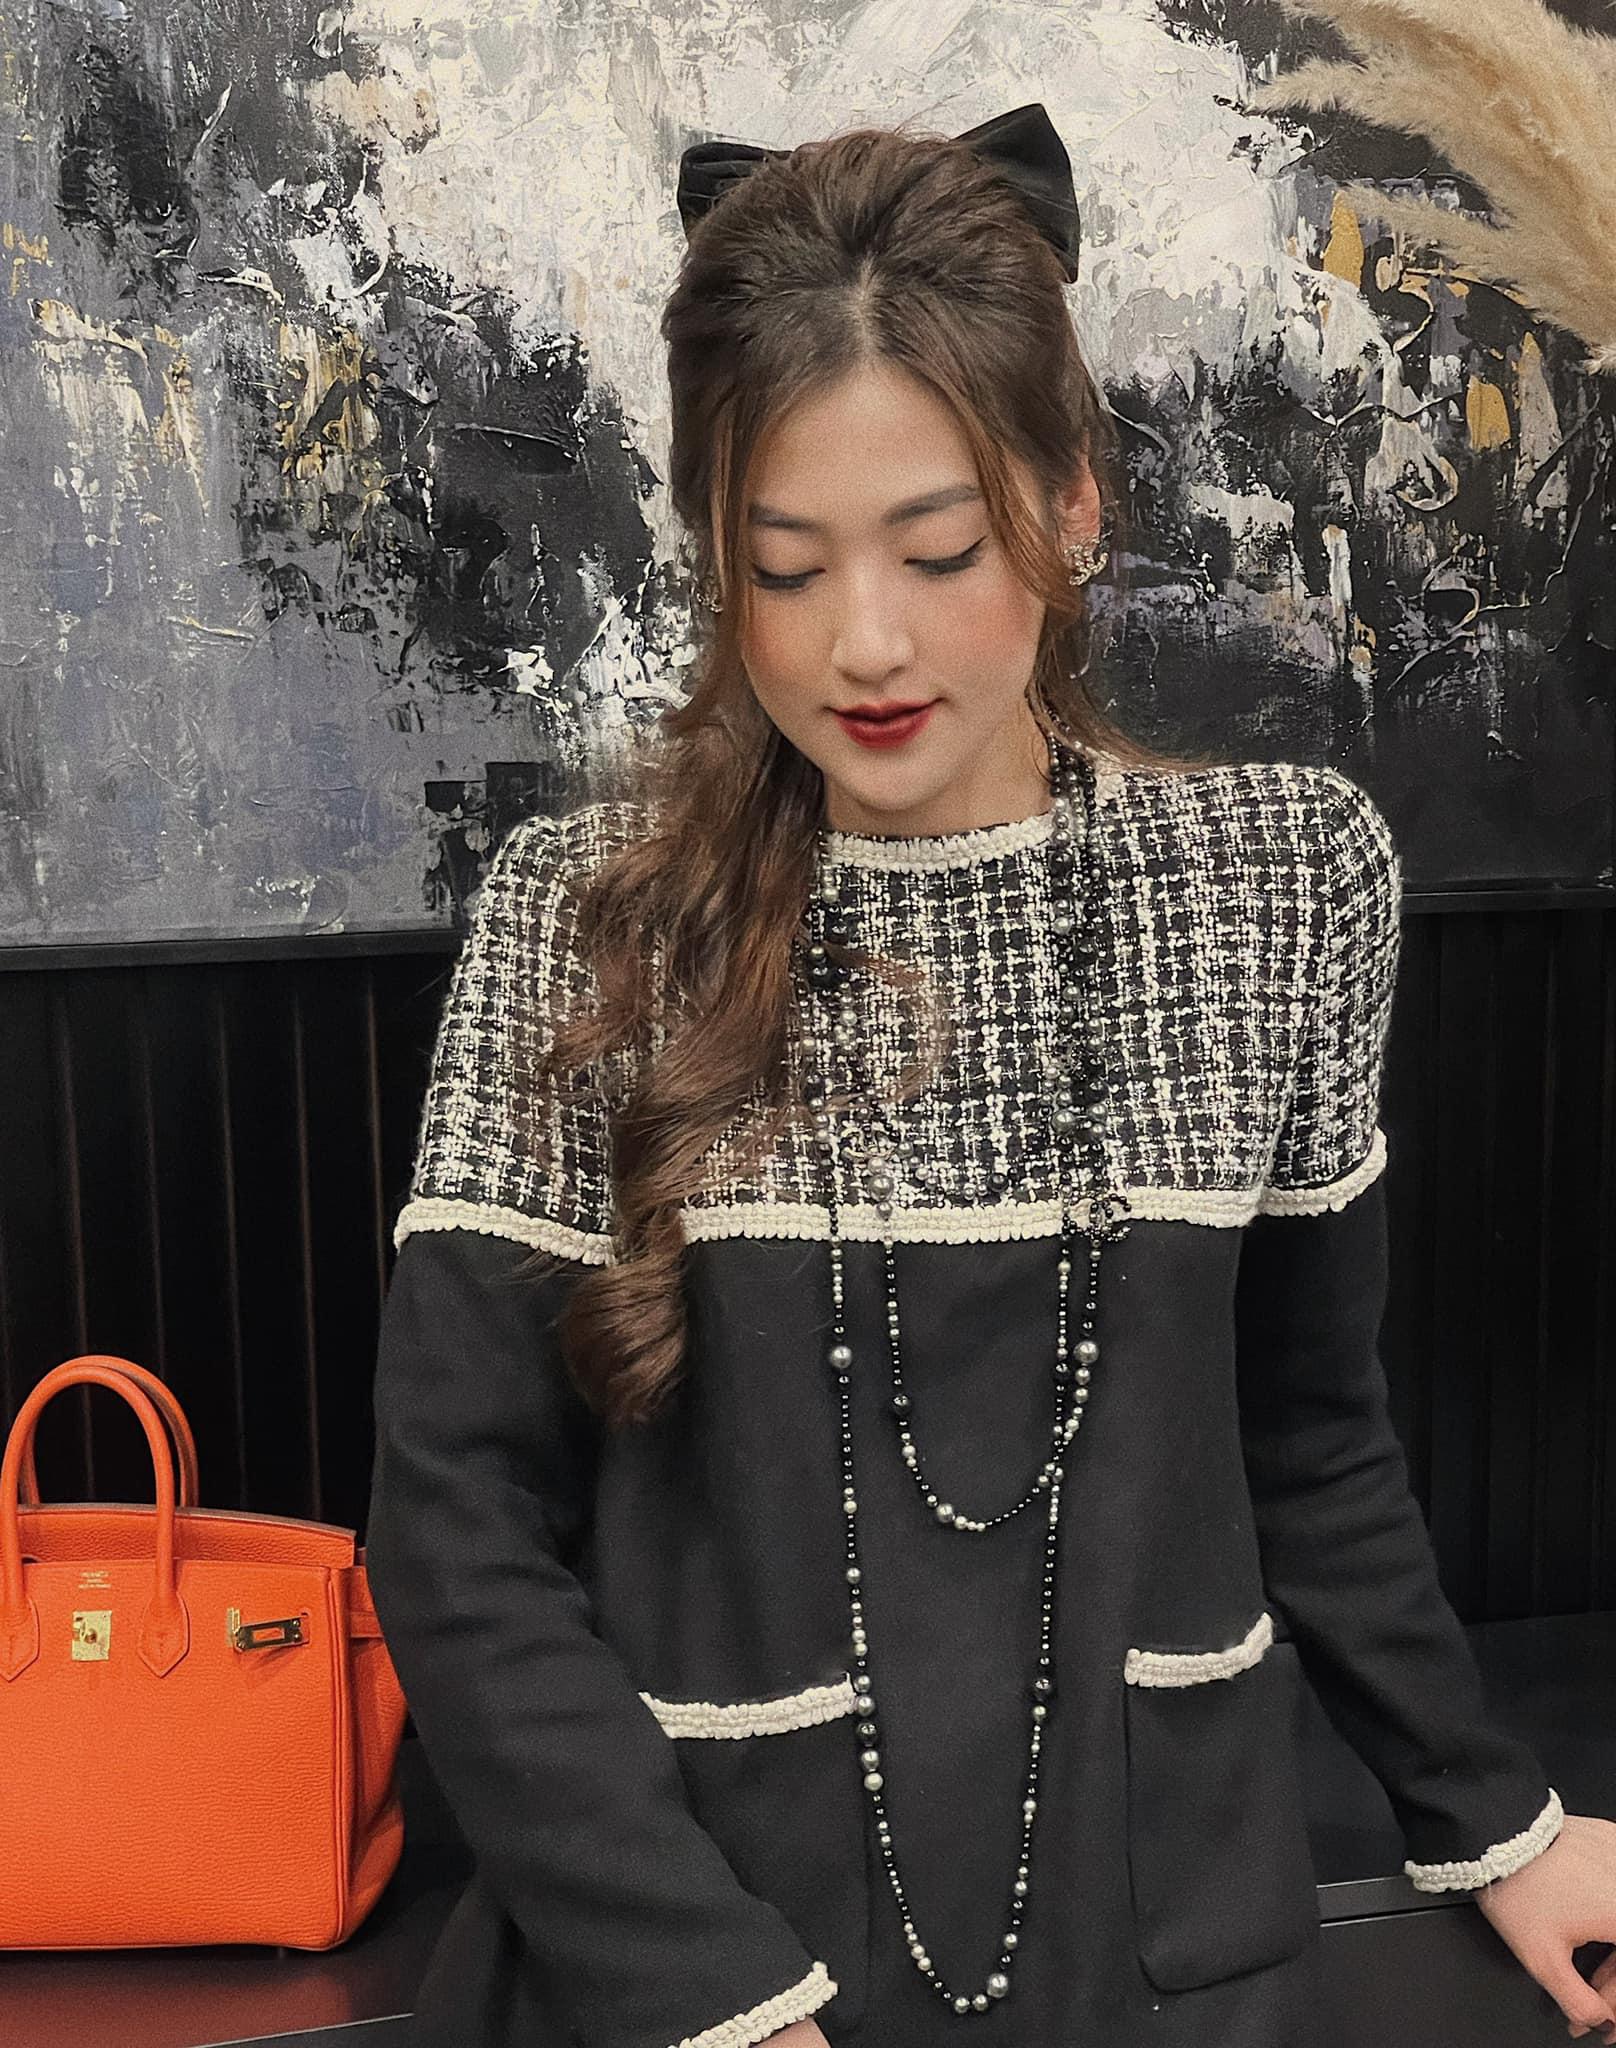 Nhìn Á hậu Tú Anh lên đồ công sở đẹp mê, chị em tăm tia ngay được 10 set siêu xinh diện đi làm - Ảnh 10.